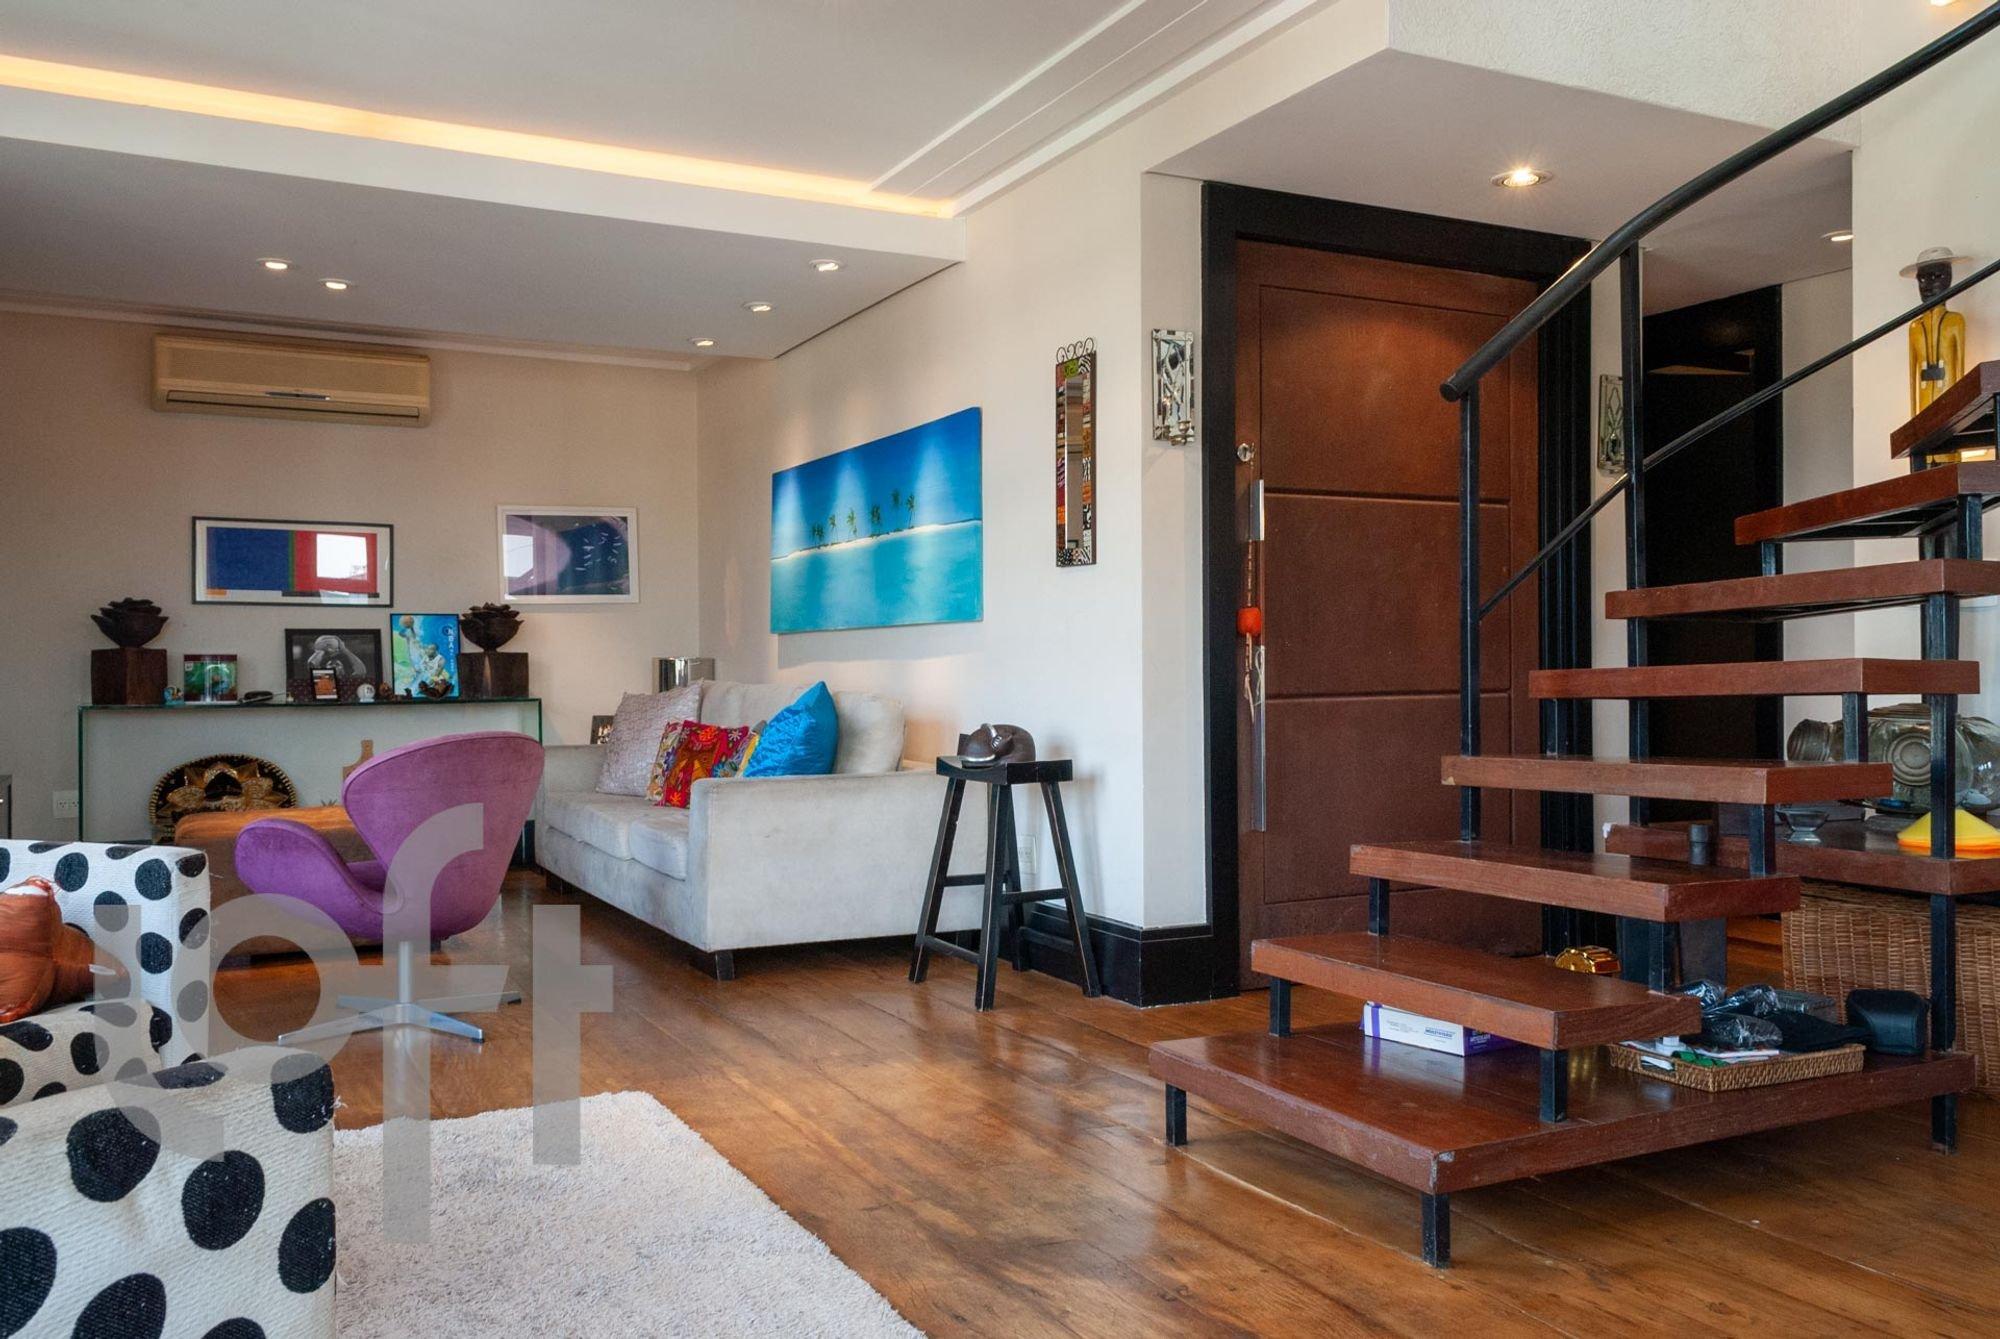 Foto de Sala com banco, sofá, cadeira